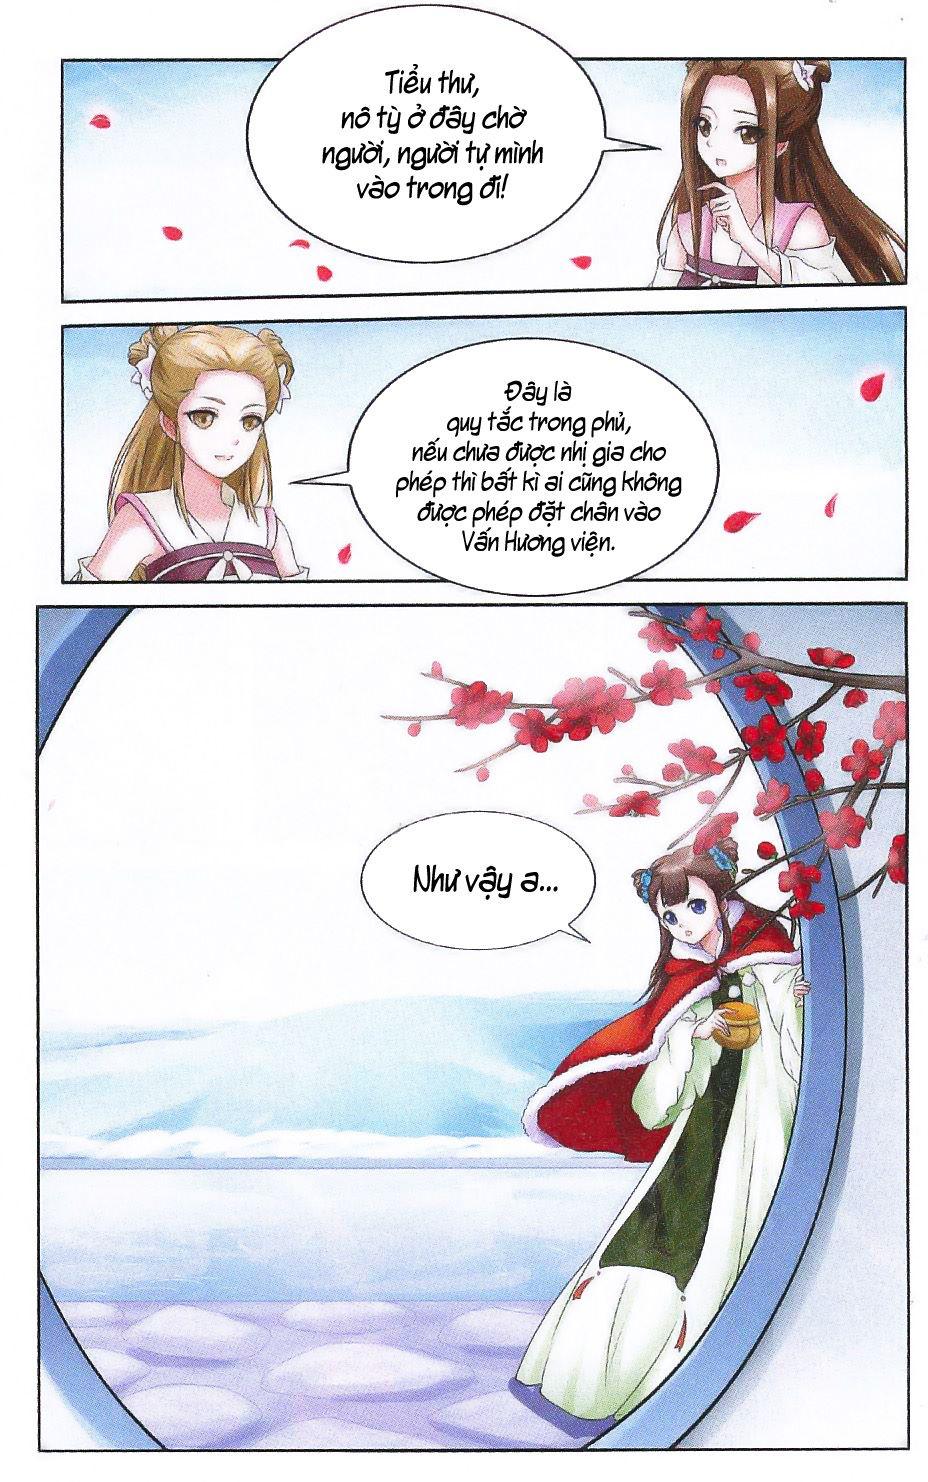 Cốt Sinh Hoa Chap 7